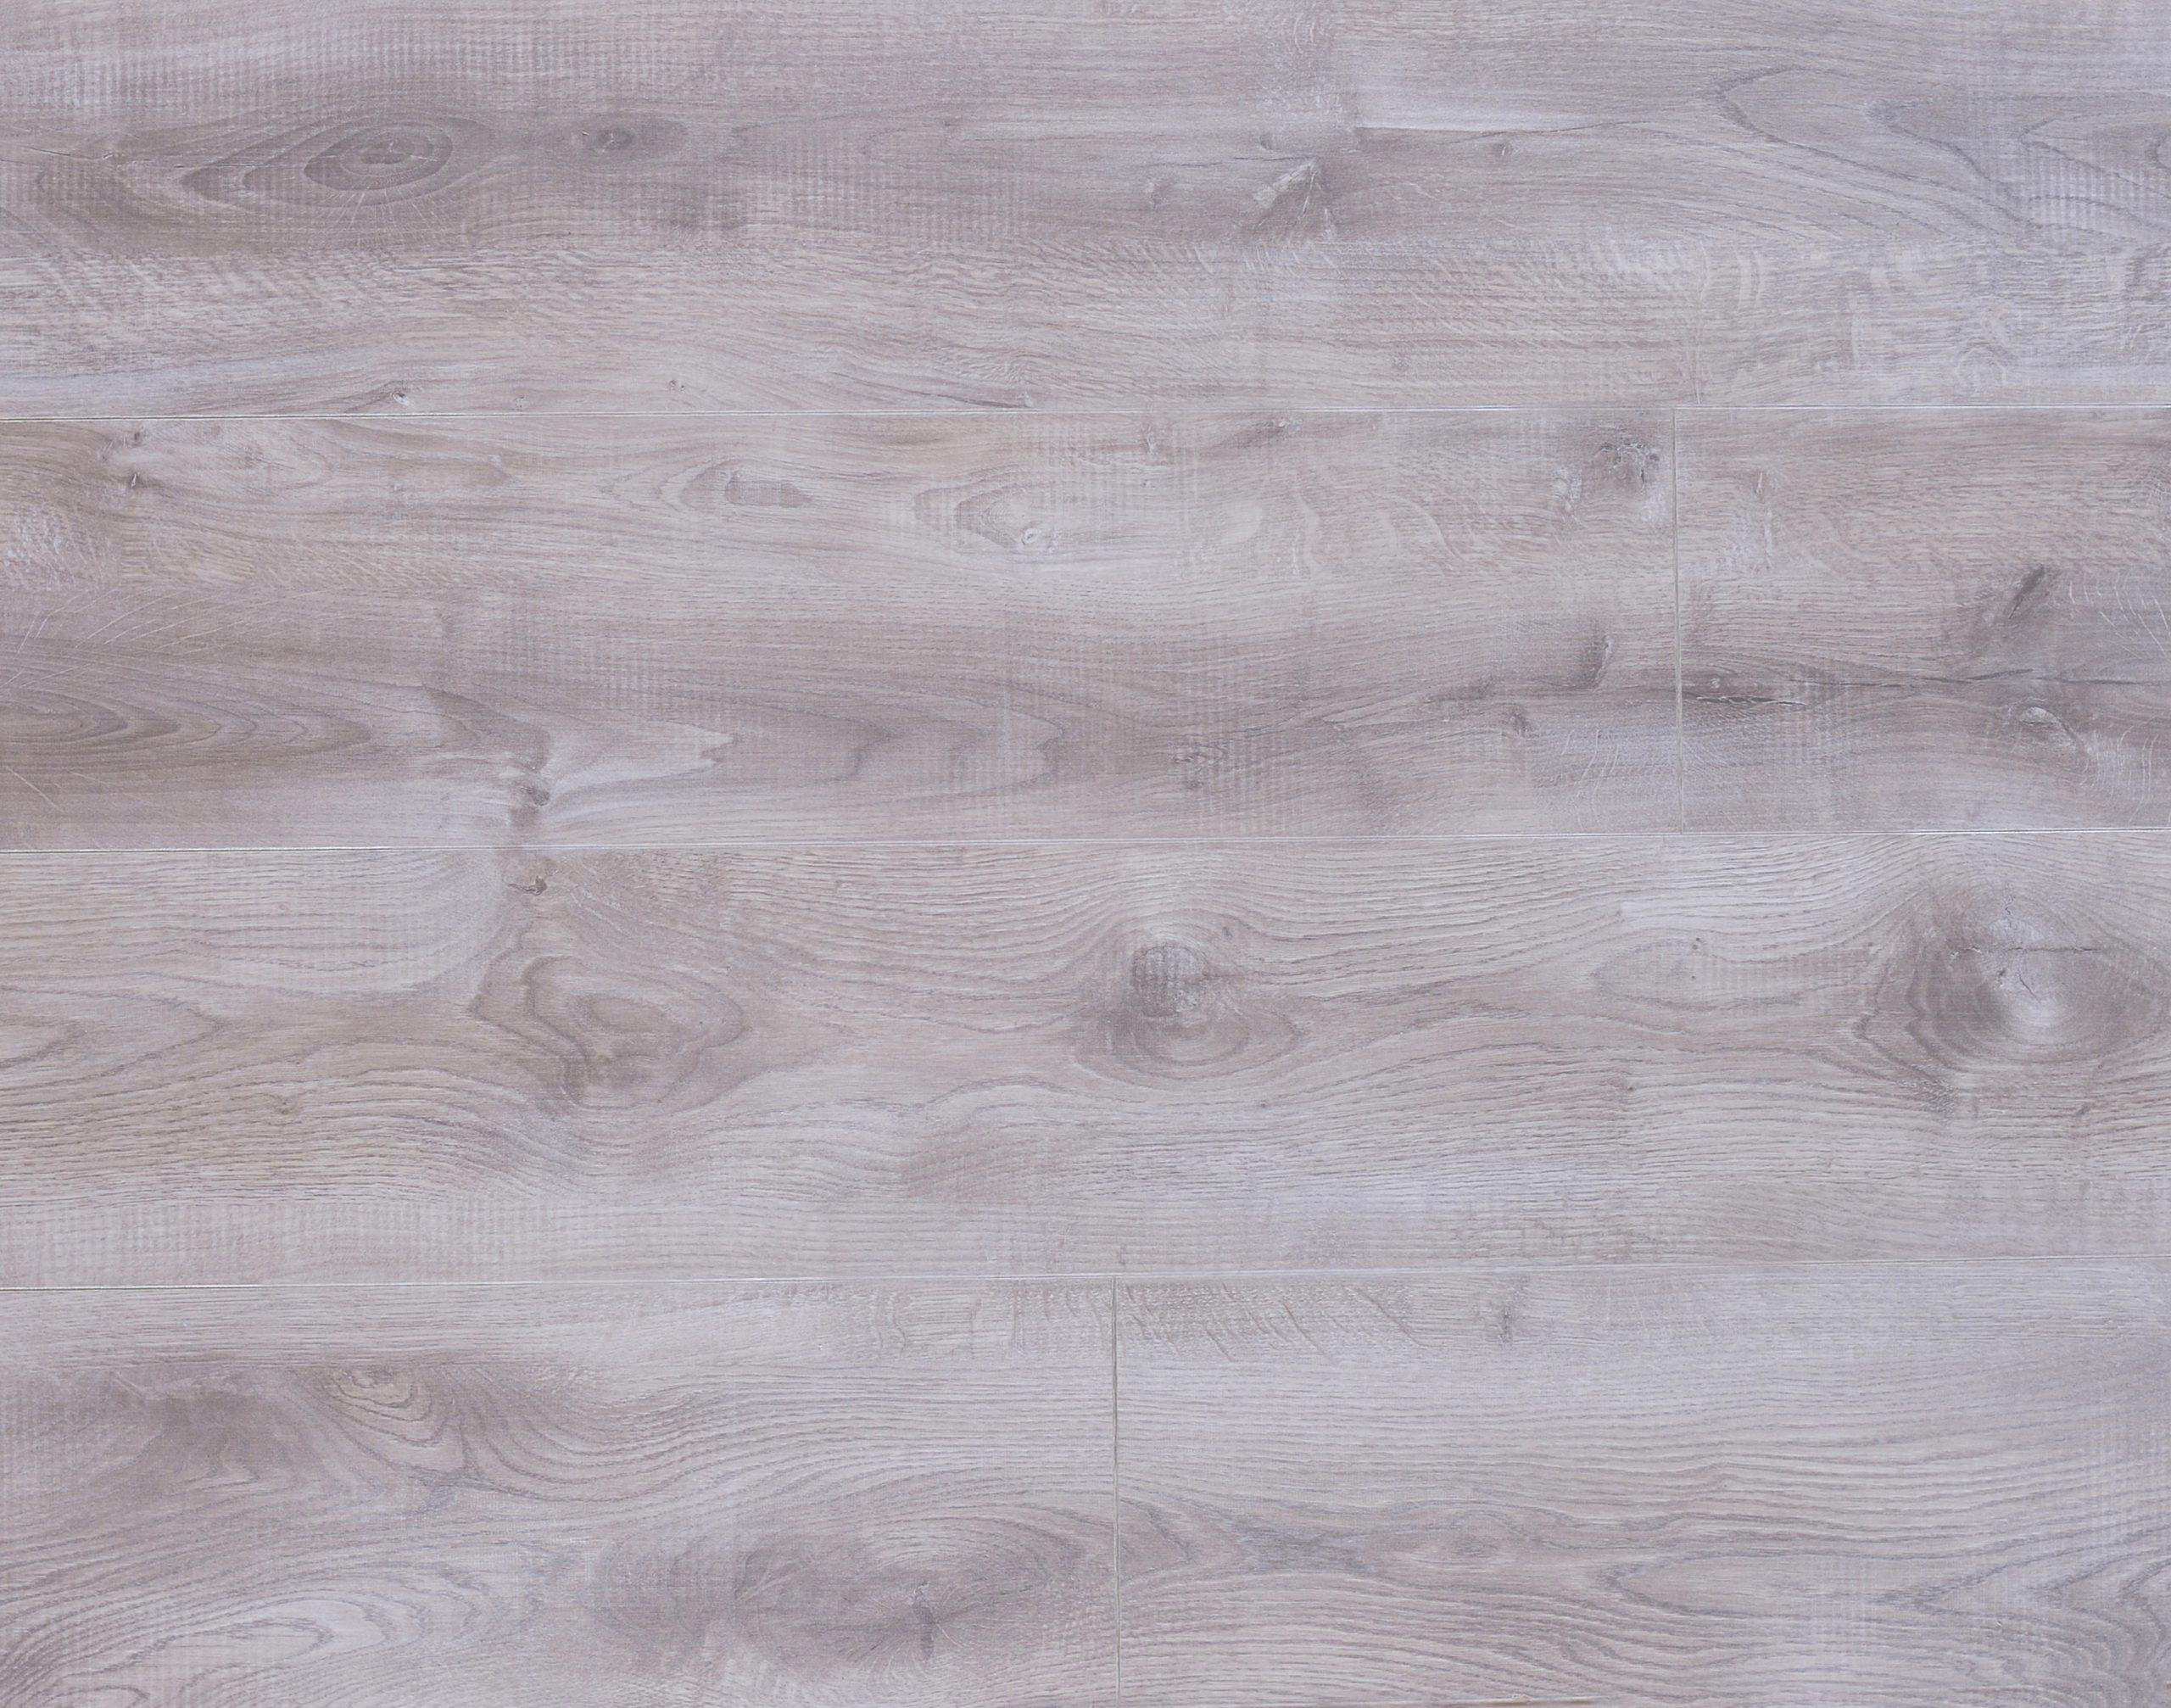 Afbeelding van vloersoort Balmoral XL V2 Mons 796